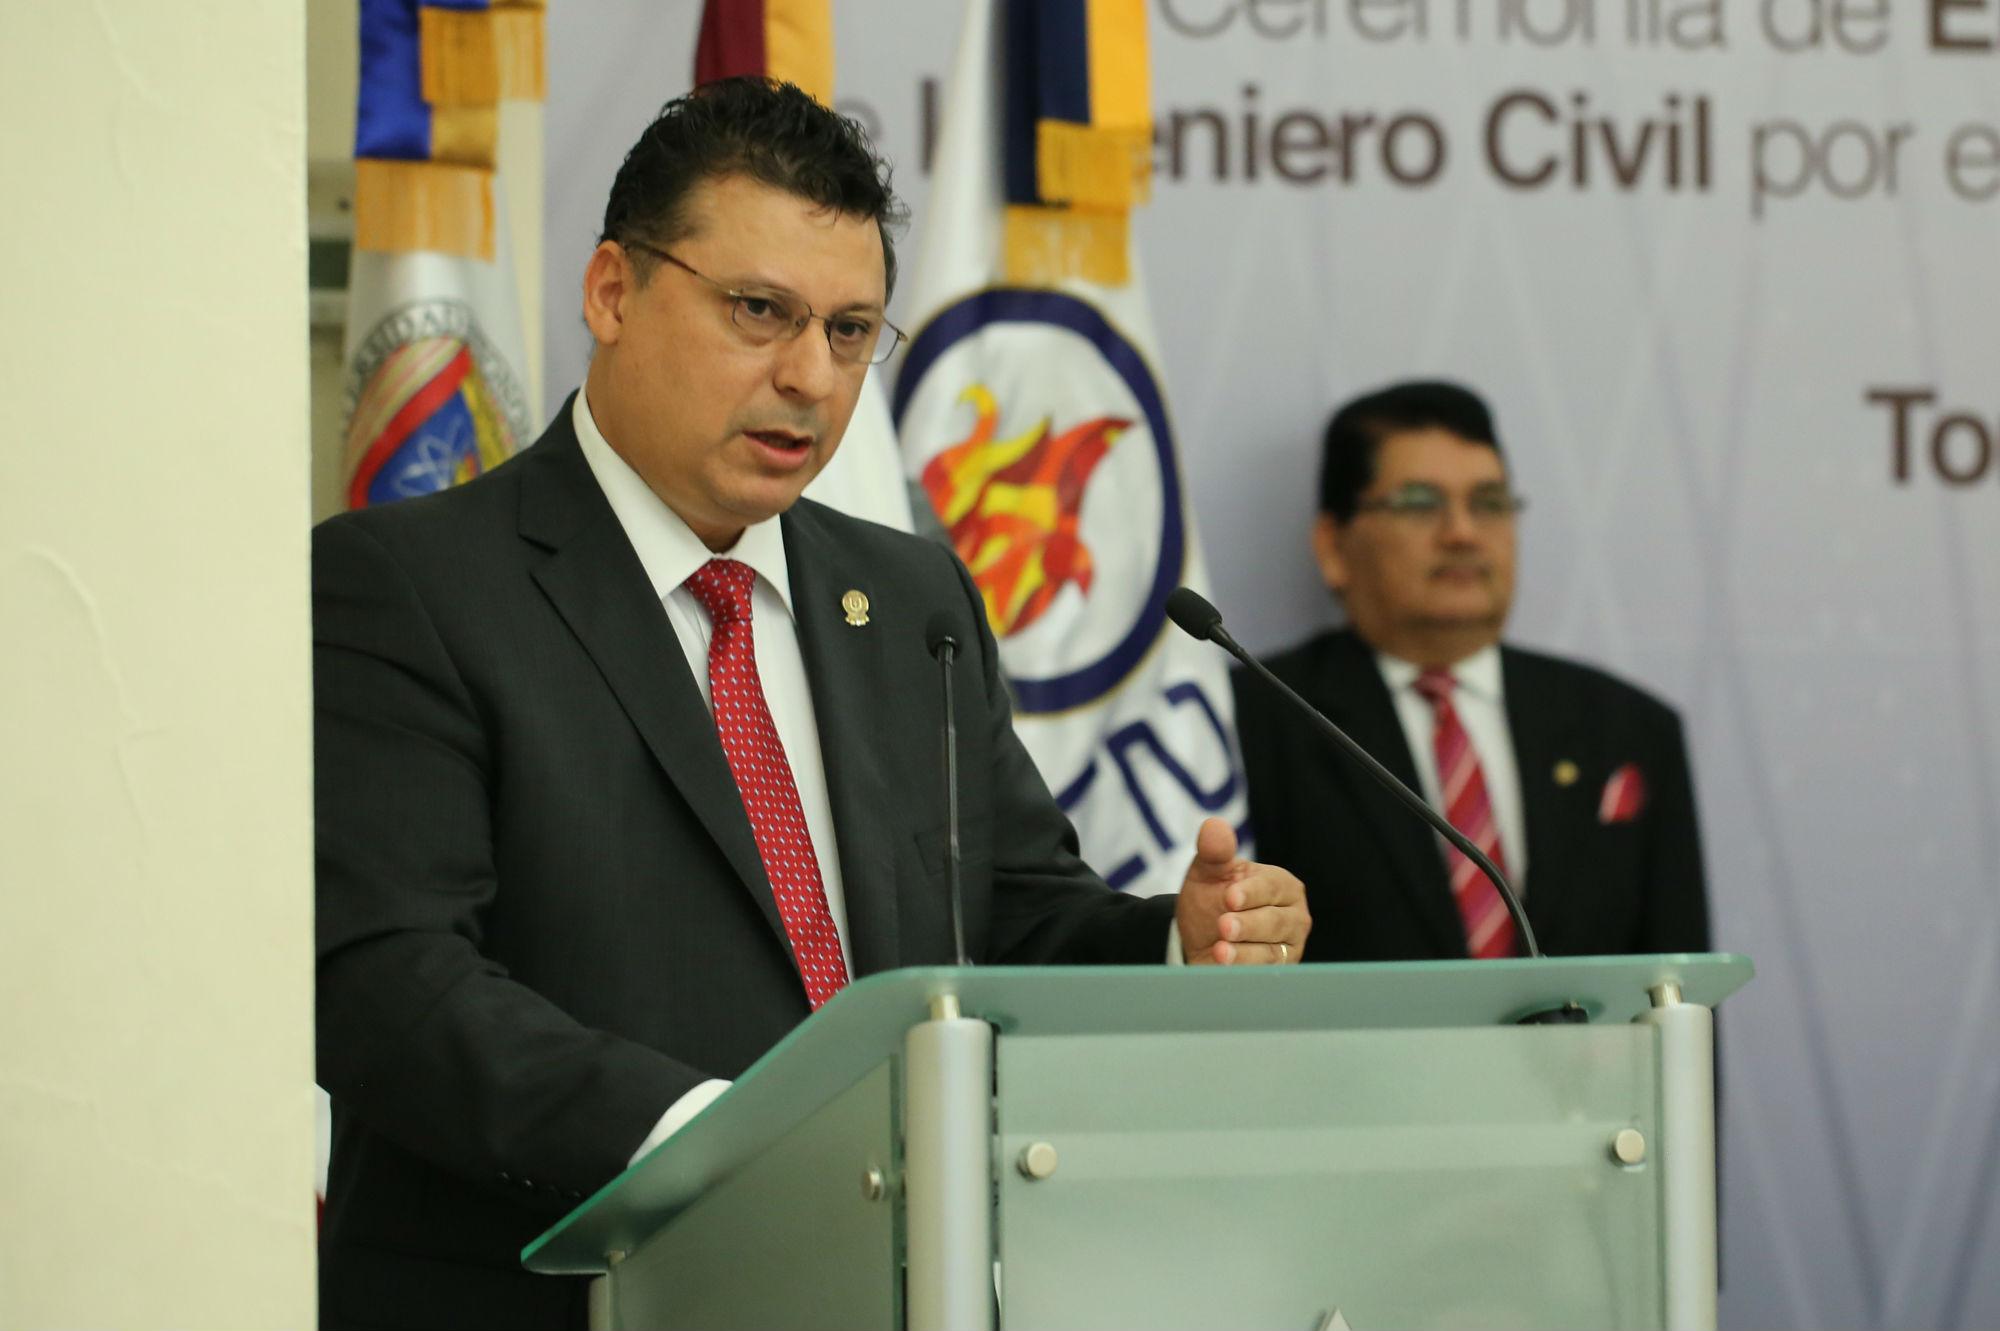 Pedro Valdez Tamez, Director de la Facultad de Ingeniería Civil